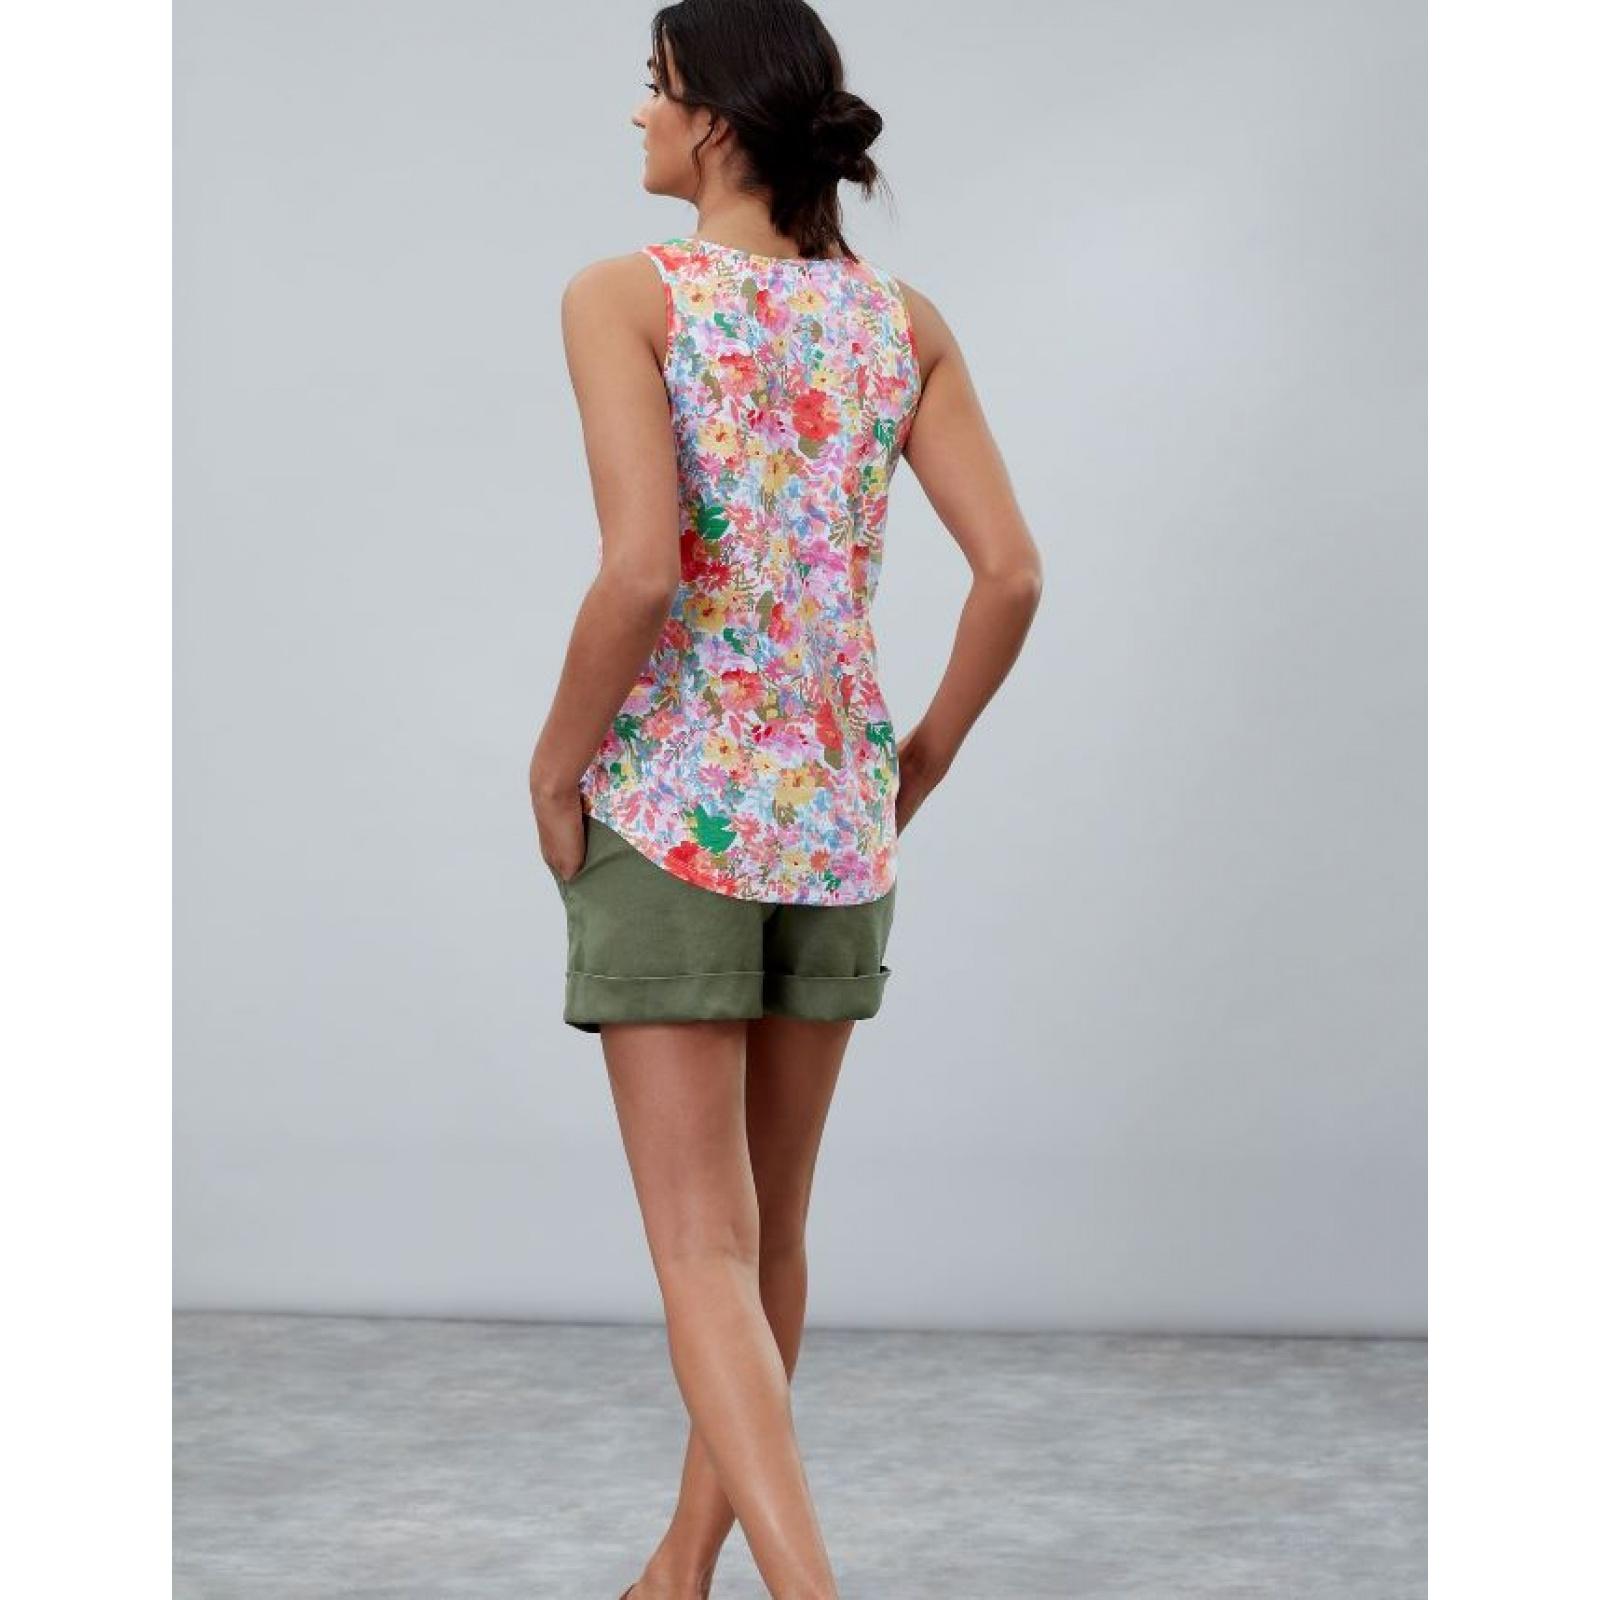 Joules-Bo-impresion-100-Algodon-Jersey-Chaleco-Top-Todos-Los-Colores miniatura 34